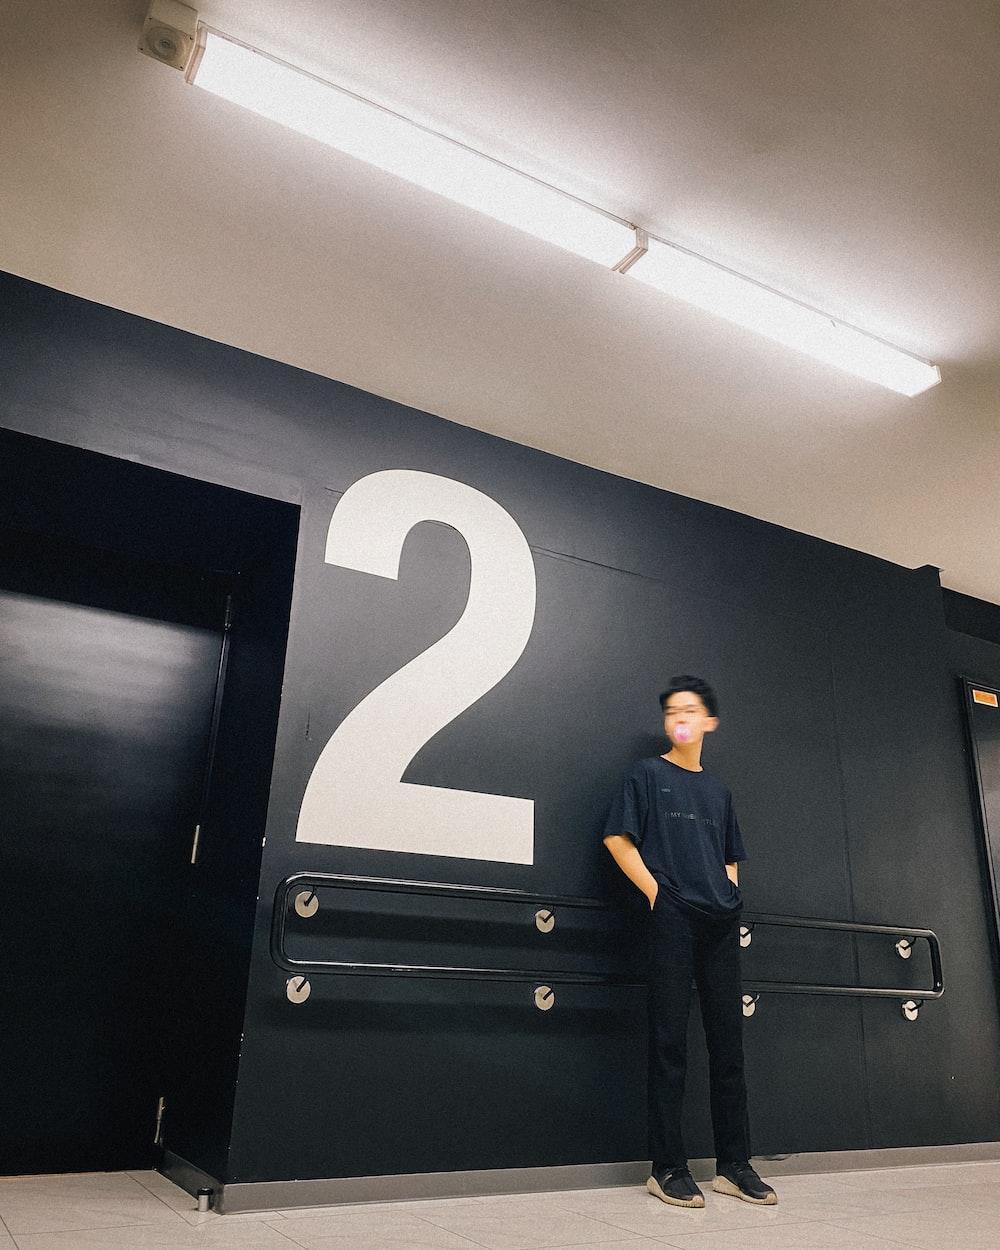 man in black suit standing beside black wooden door